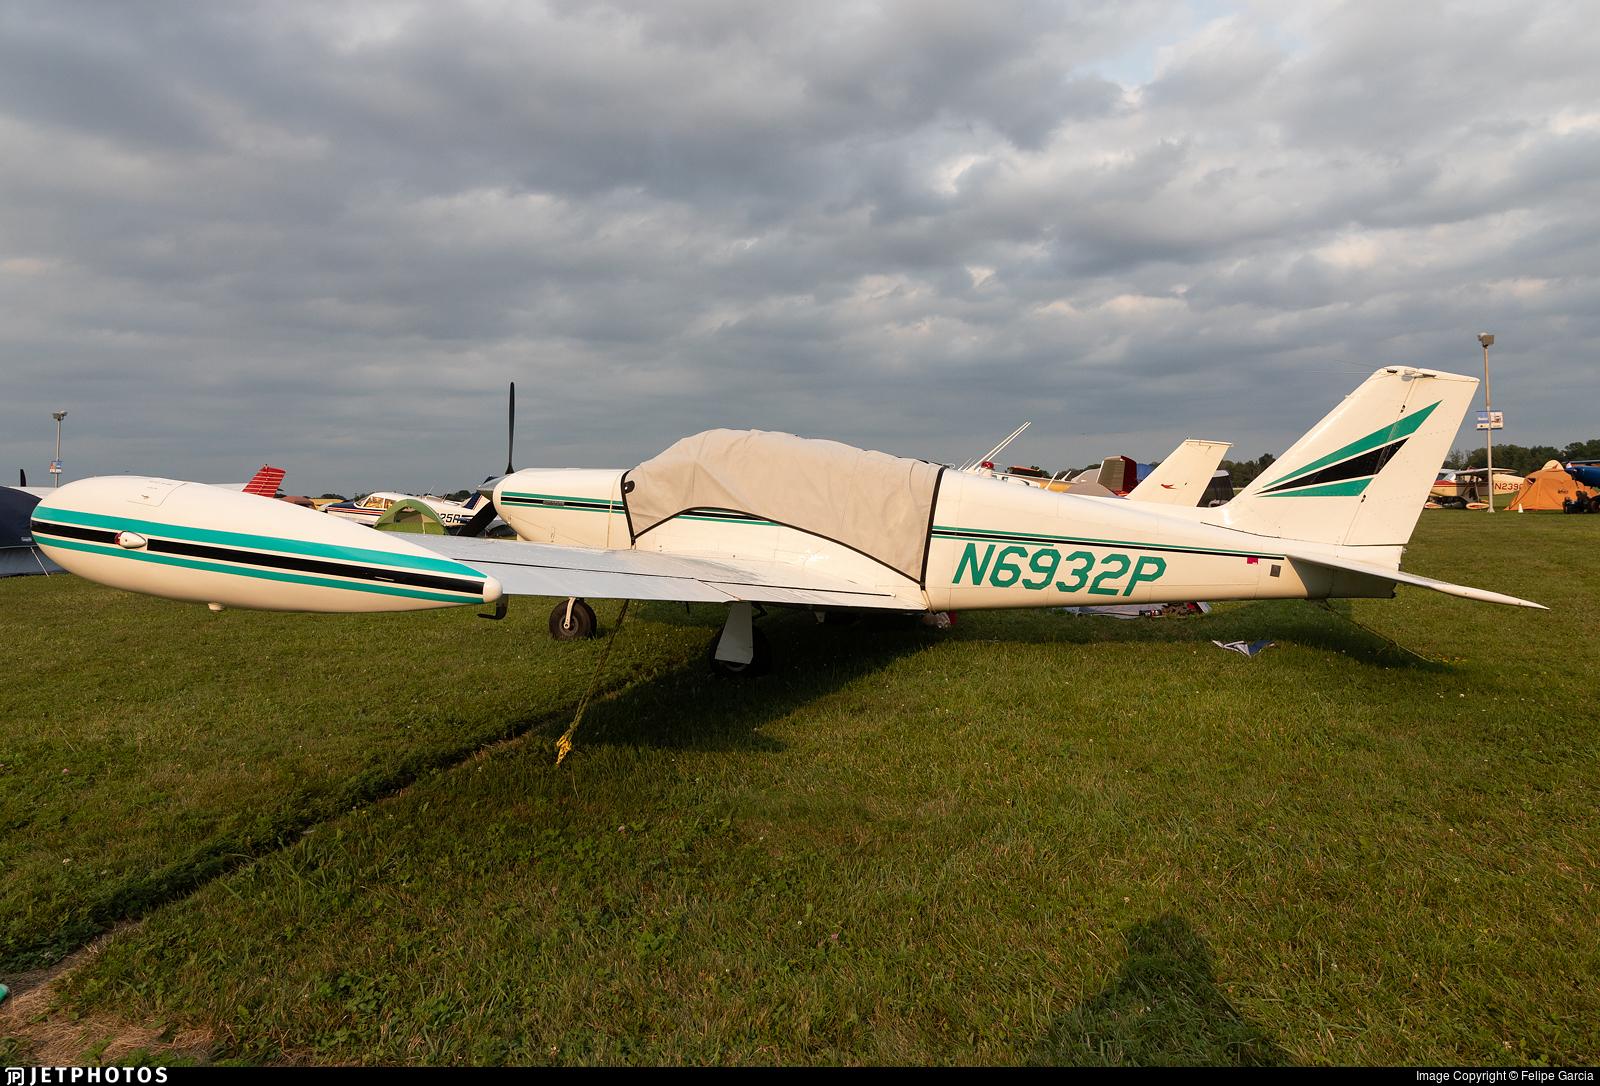 N6932P - Piper PA-24-250 Comanche - Private